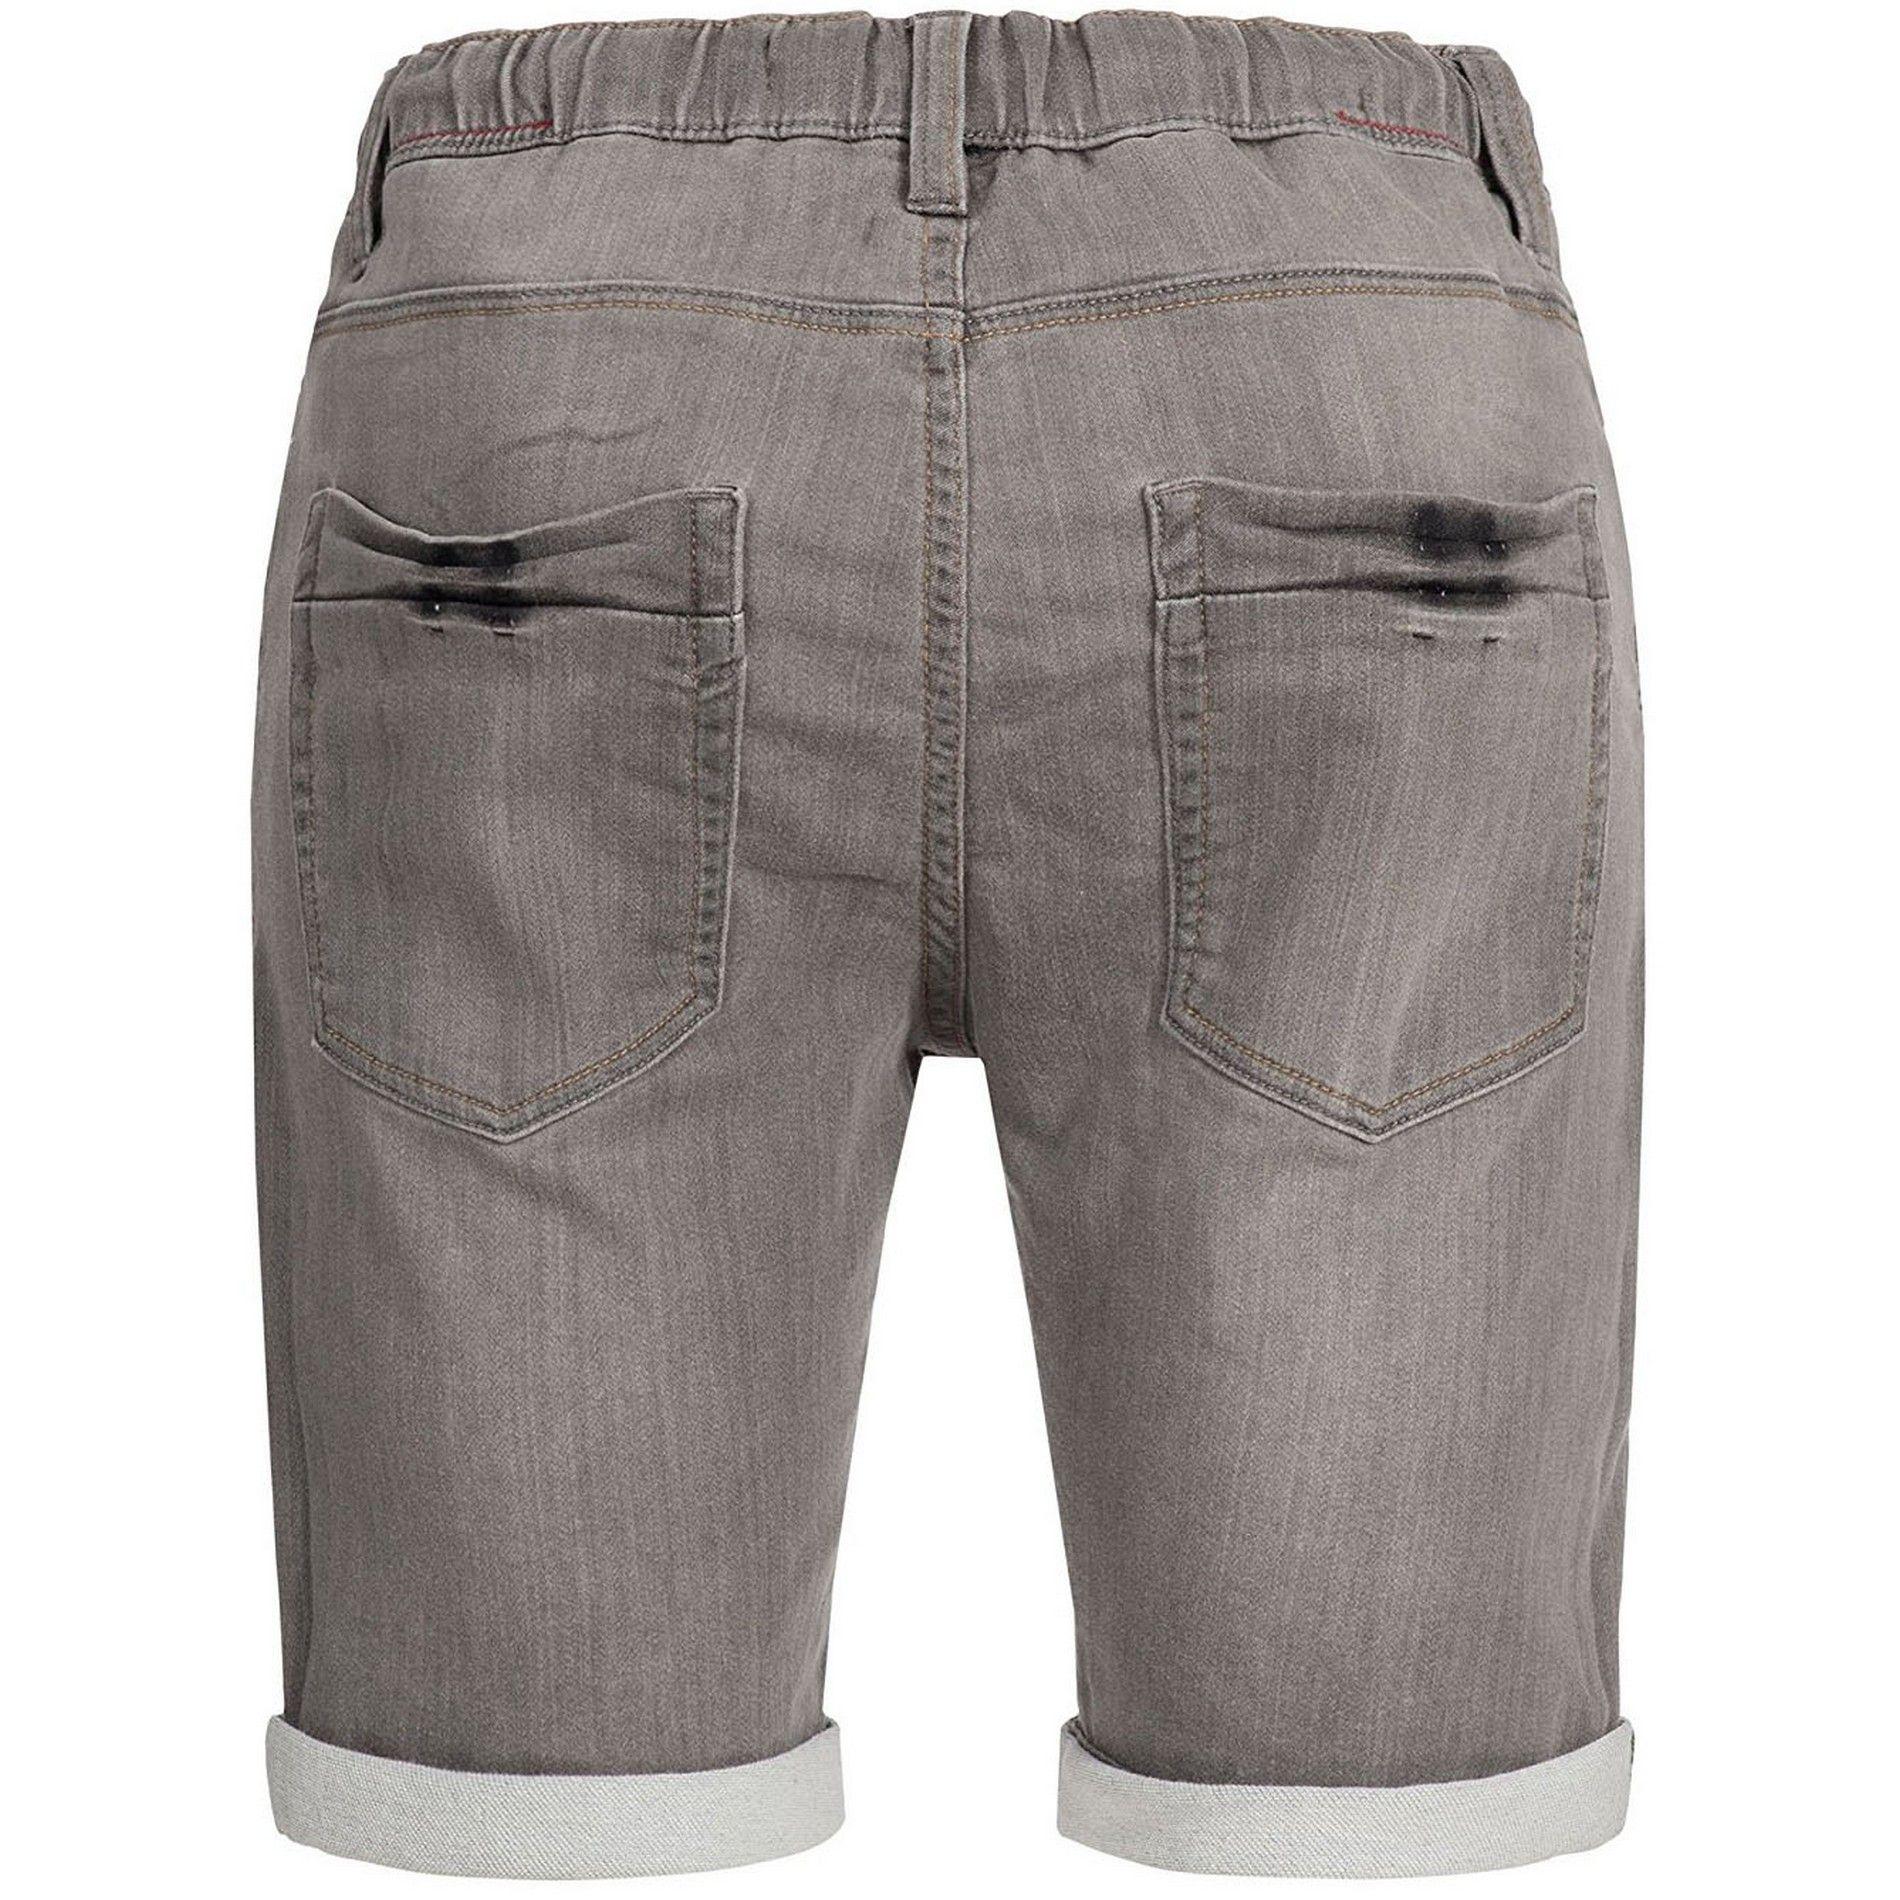 e902b88c10 KADIN Indicode short en jeans gris fume stretch - Livraison OFFERTE en  France Metropolitaine.